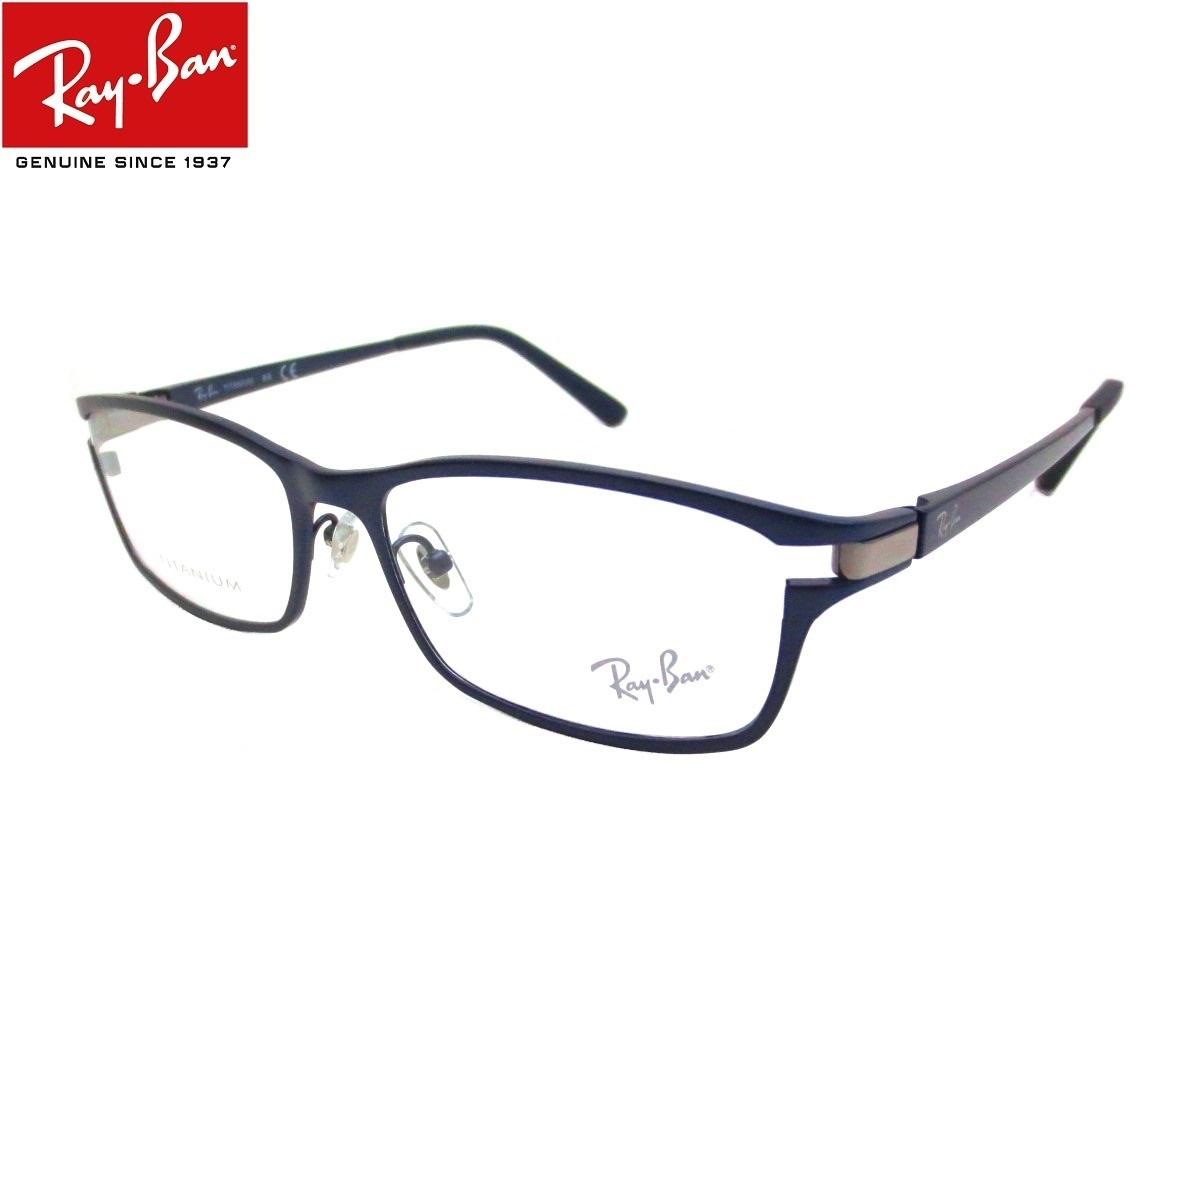 あす楽対応 正規商品販売店 レイバンブルーライトカット 老眼鏡 UVカット 超撥水 防汚コート付 +1.00 +1.25 +1.50 +1.75 供え +2.00 +2.25 +2.50 +2.75 +3.00 +3.50 チタンメガネ ブルーライトカットレンズPC 男女兼用 54 メガネ RX8727D ブルーライトカット老眼鏡 かっこいいシニアグラス レディース スマホ 中間度数 +4.00 Ray-Ban 正規メーカー保証書付 1061 メンズ 送料無料新品